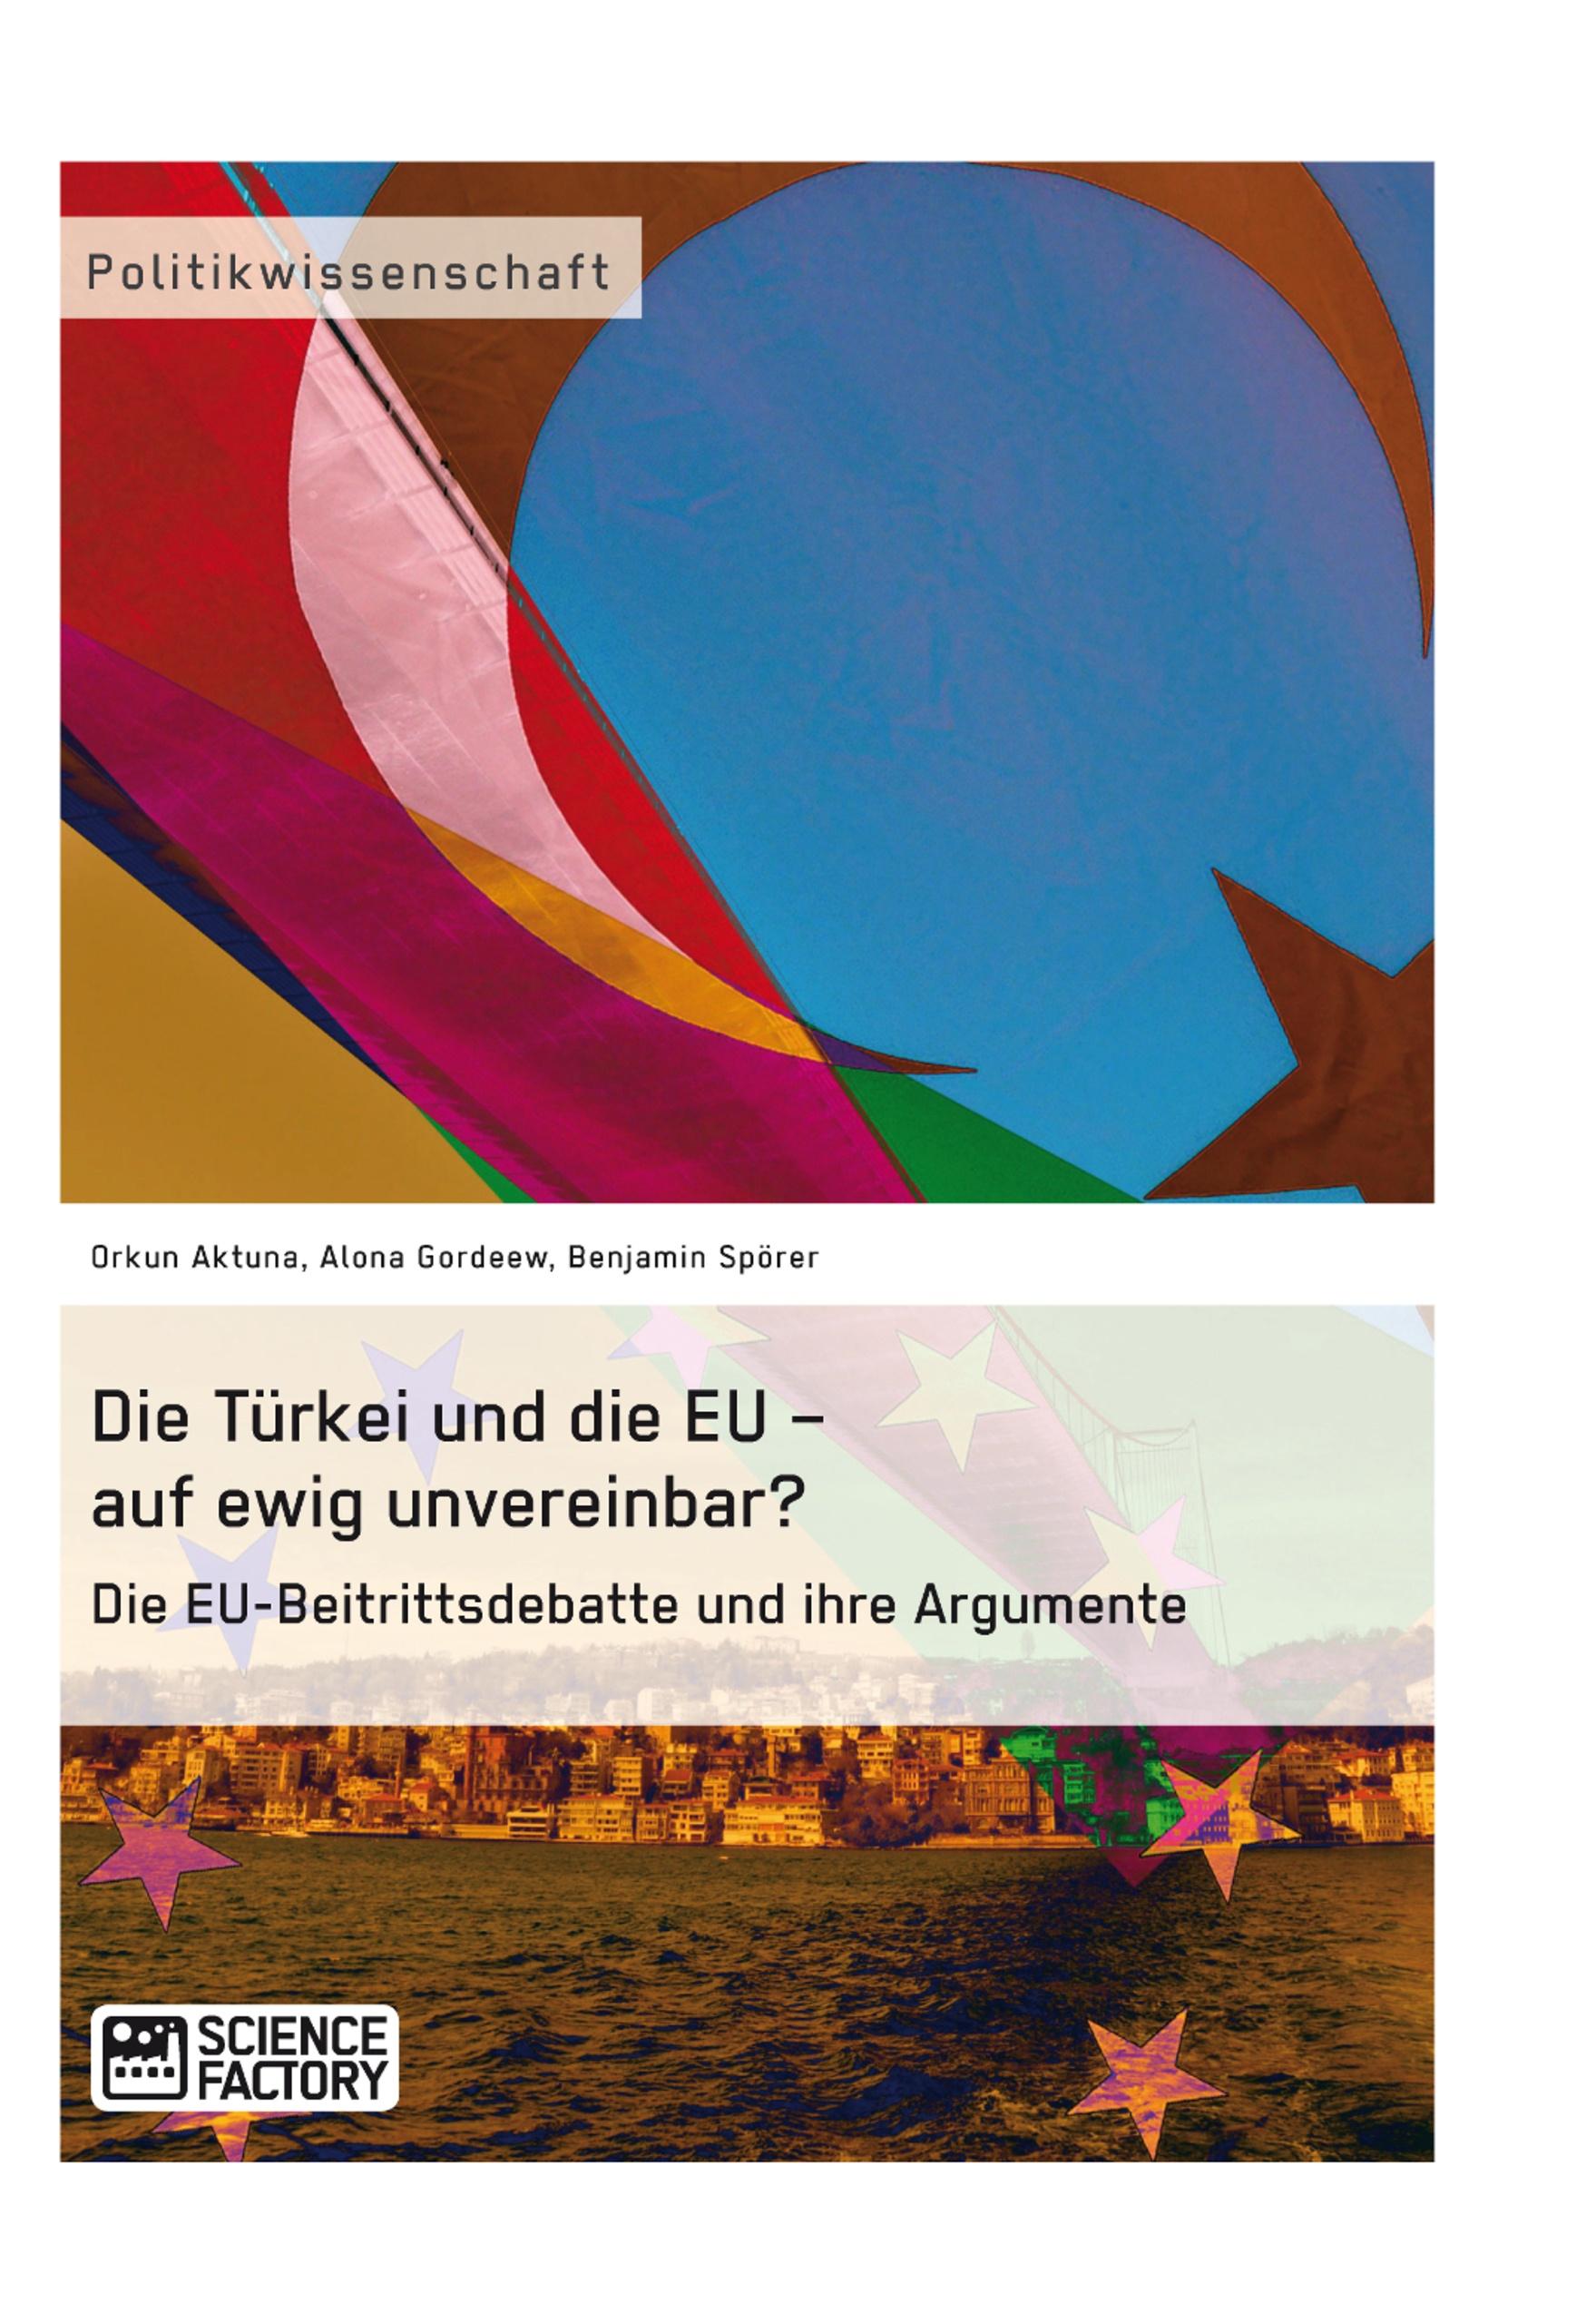 Titel: Die Türkei und die EU – auf ewig unvereinbar? Die EU-Beitrittsdebatte und ihre Argumente